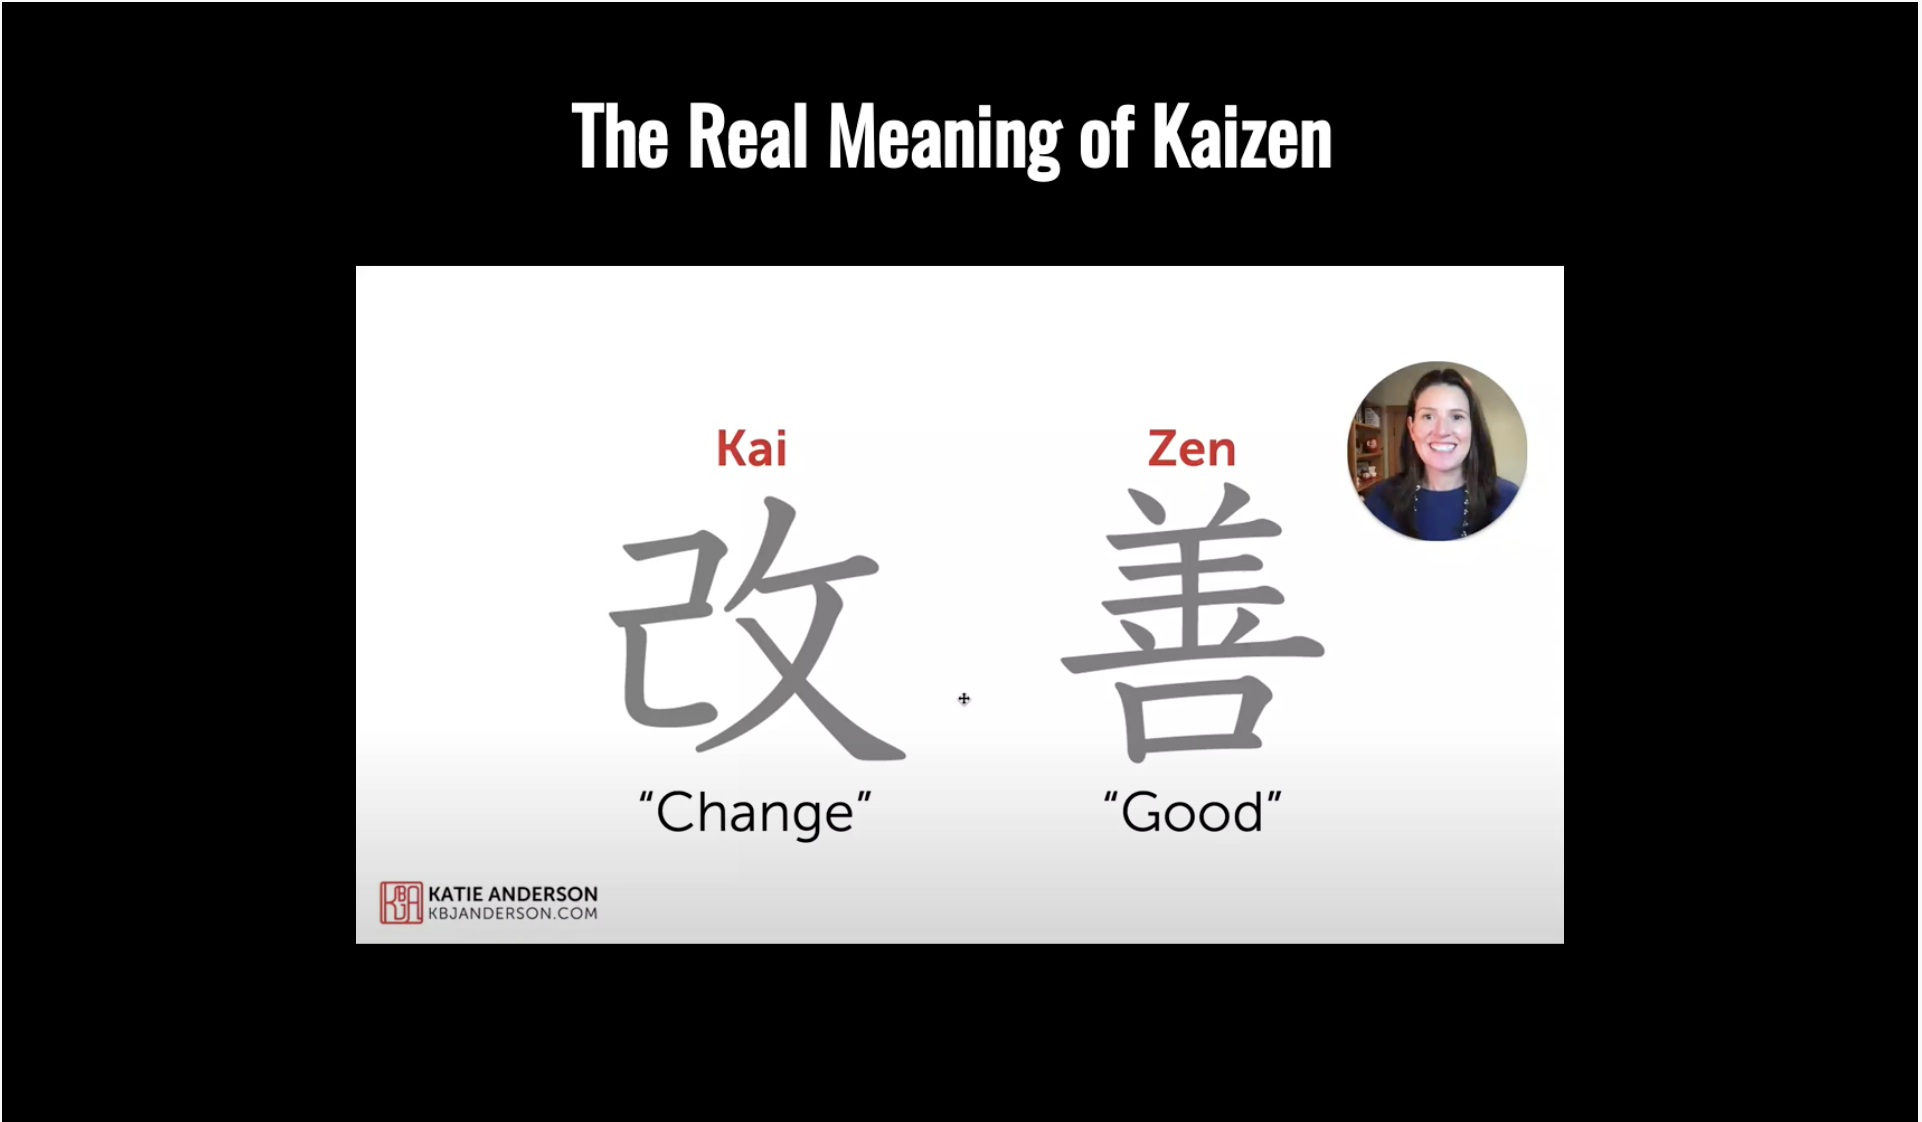 El verdadero significado de Kaizen